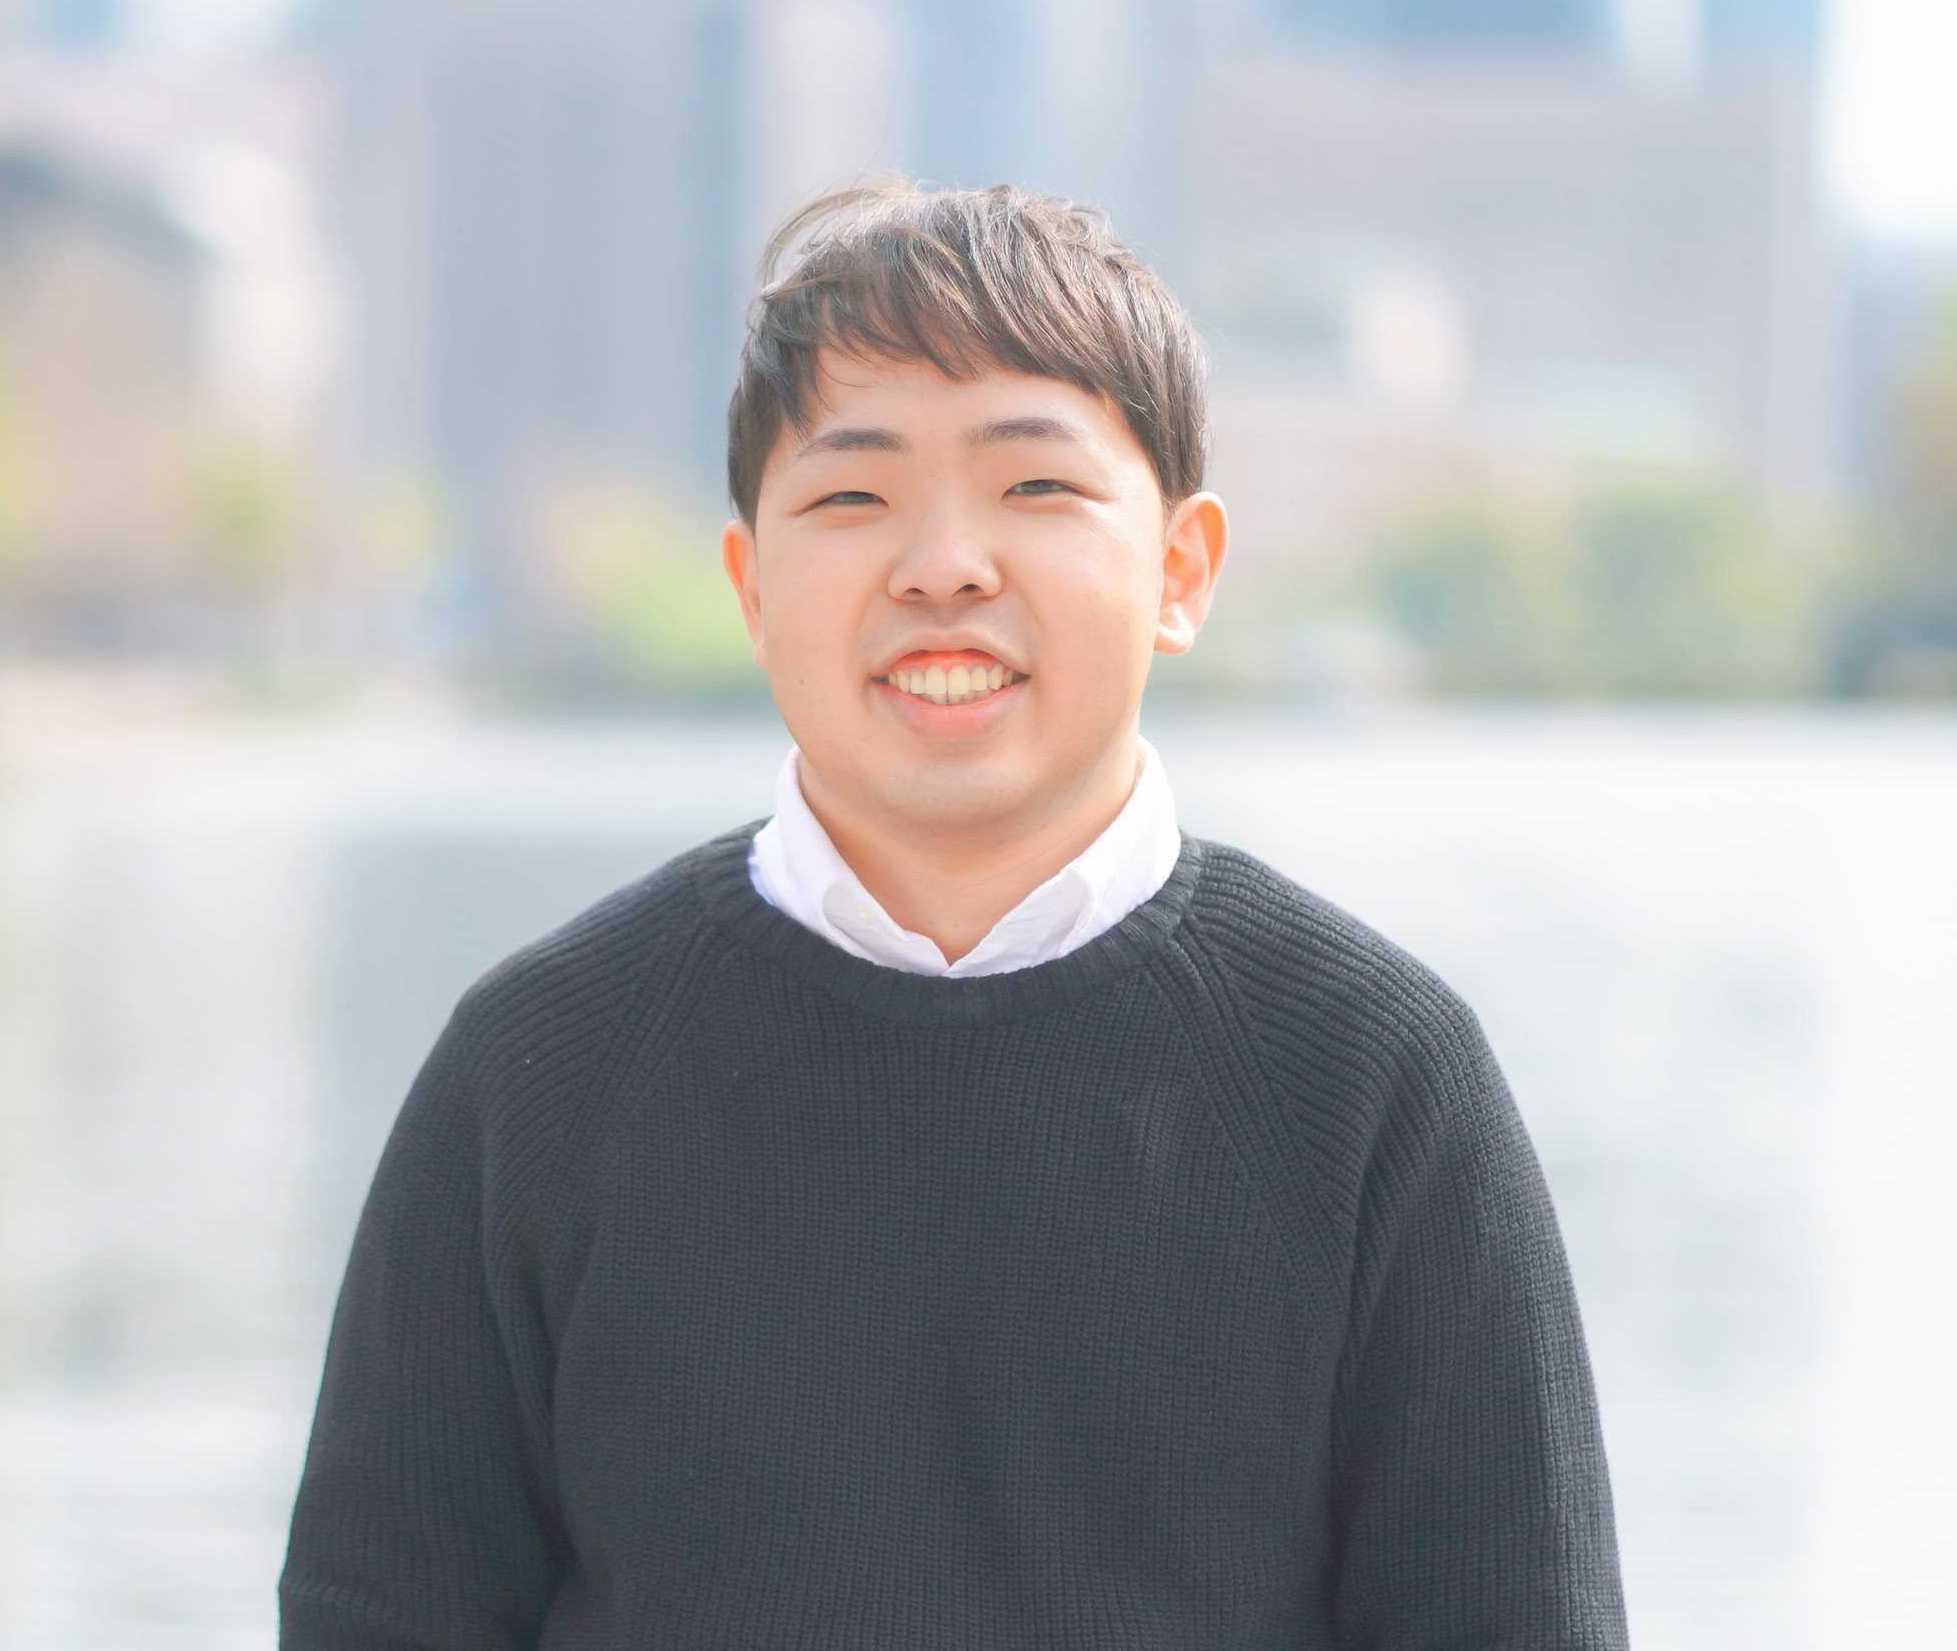 ディレクター/マーケター 岩宮 翼